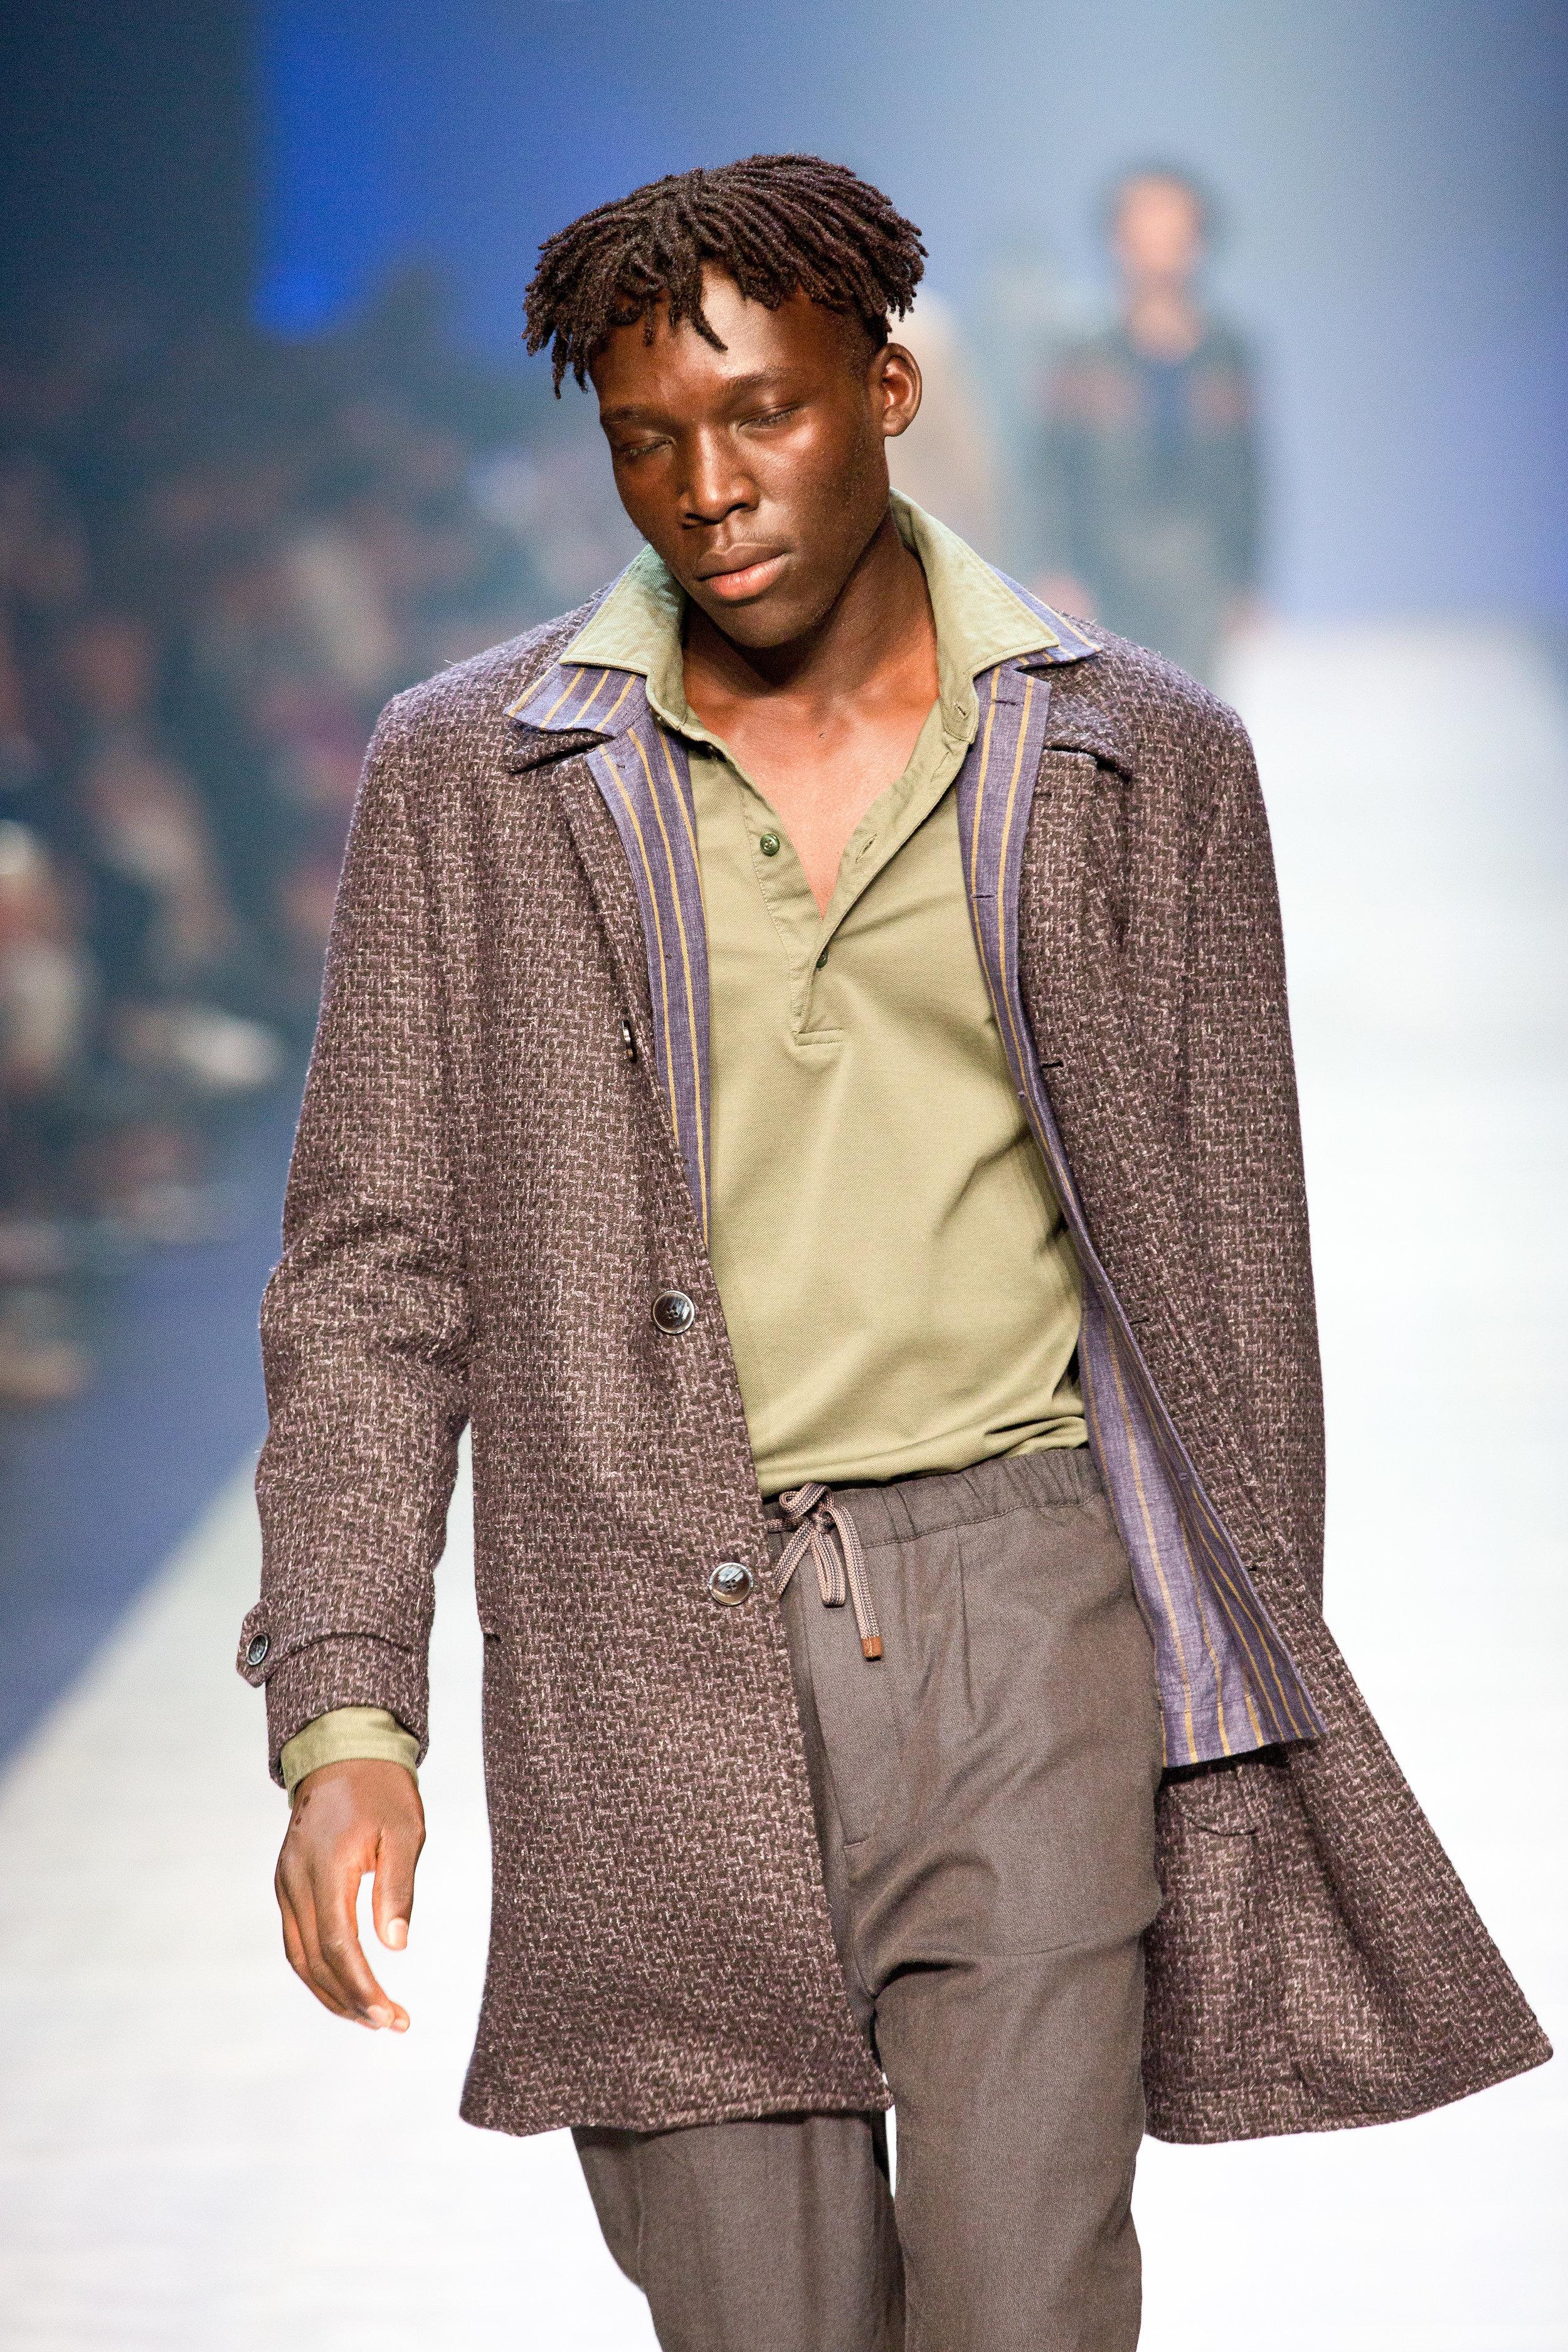 VAMFF2019_GQ Menswear-411.jpg